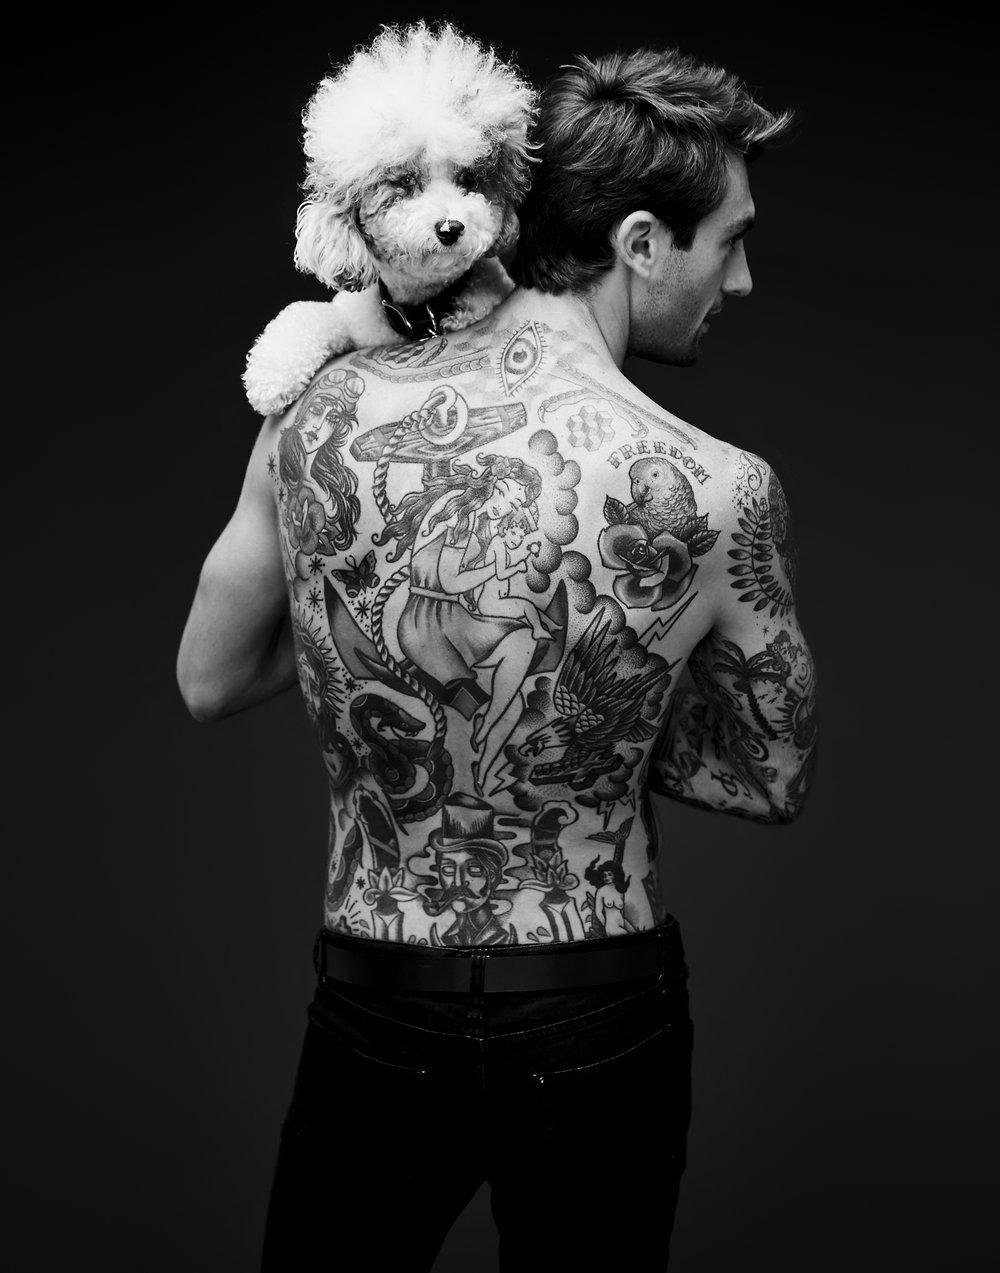 shirtless_431.jpg